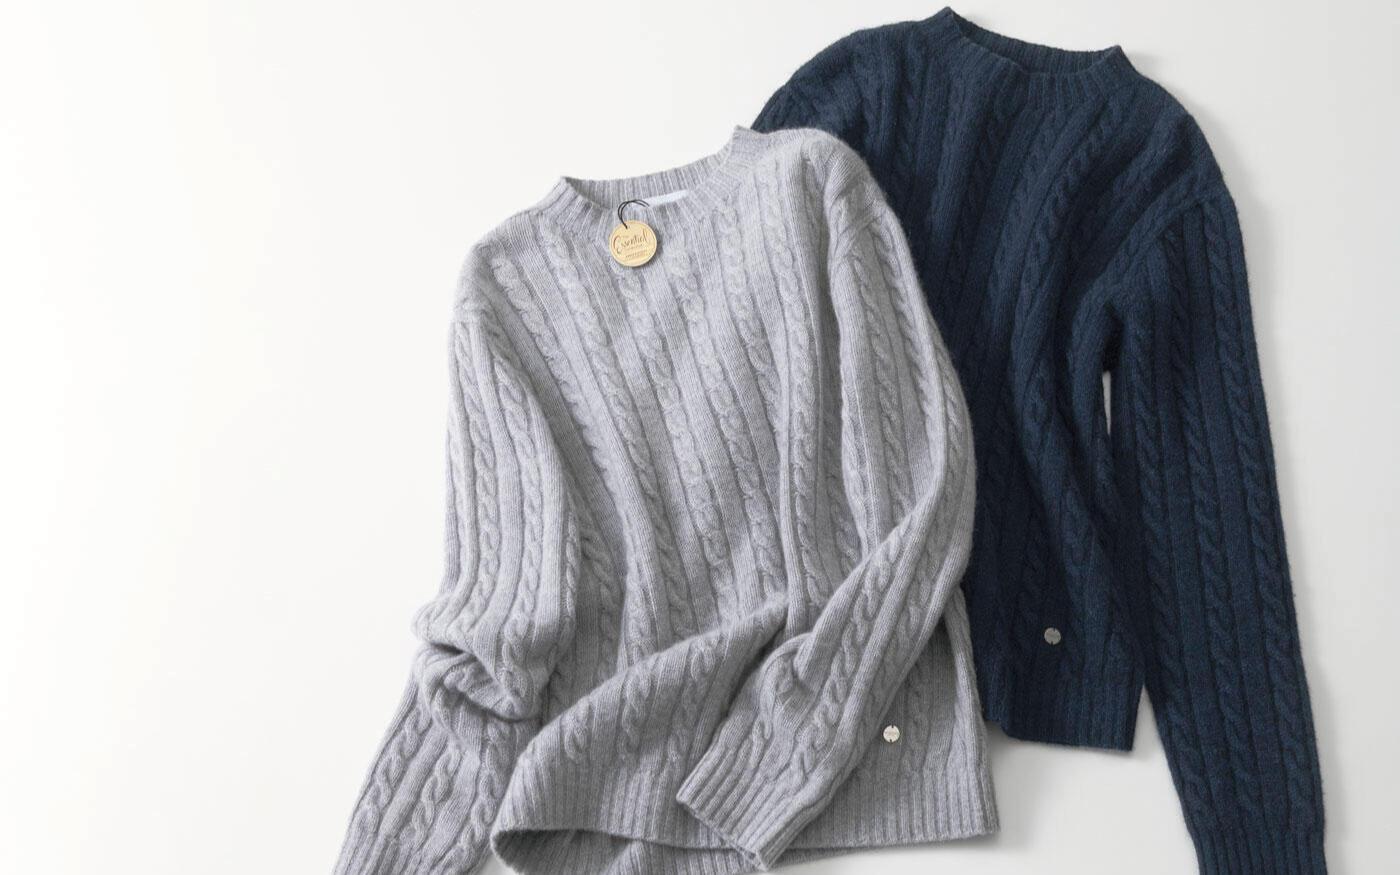 人気スタイリスト村山佳世子さん提案   リュクス感ある大人の着回しニットスタイル   エッセンシャルコレクション